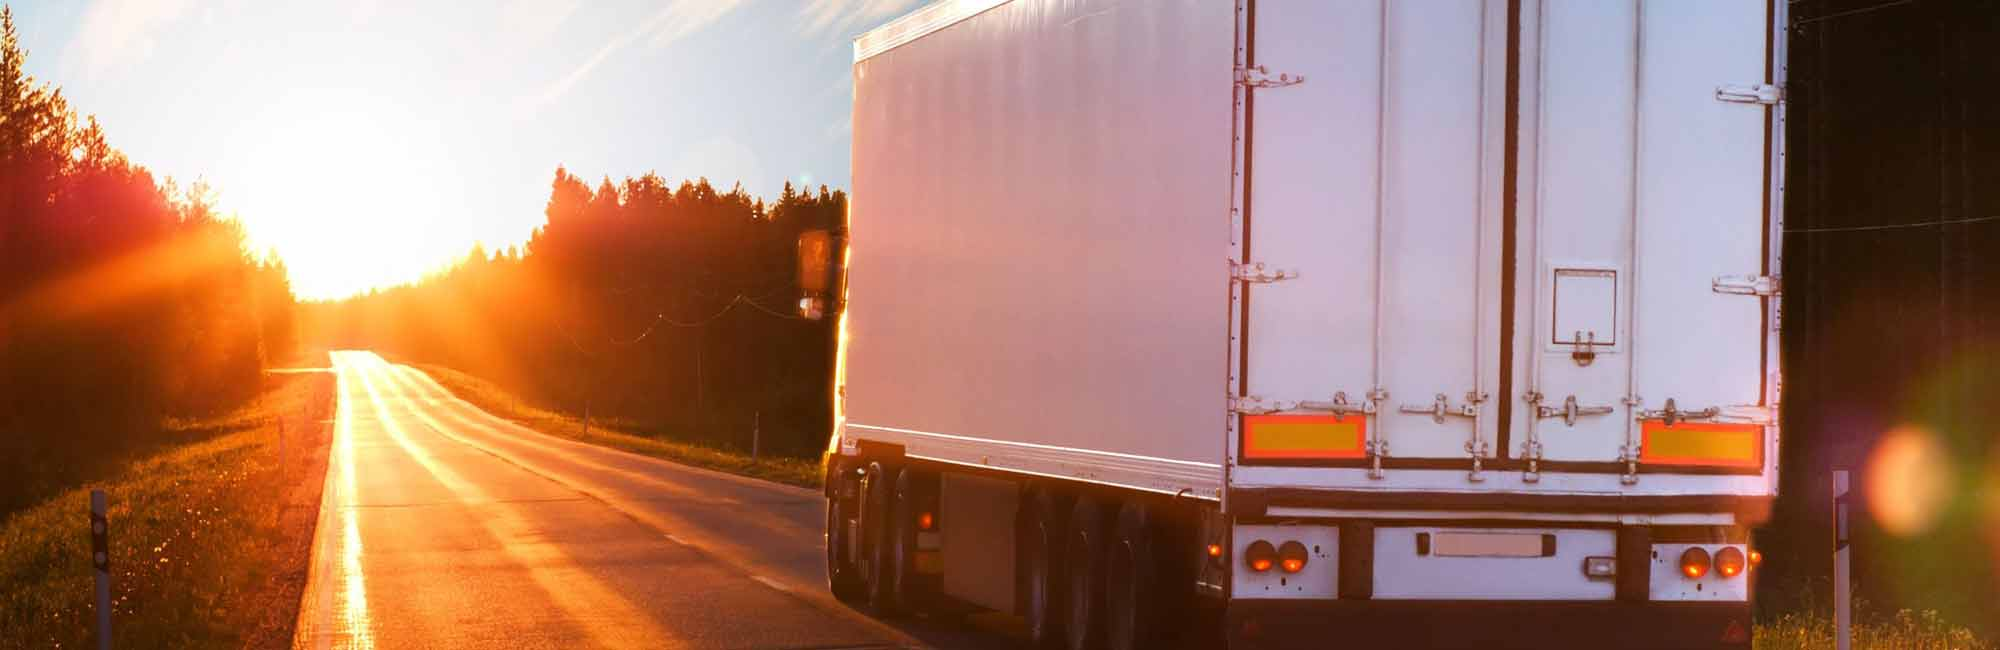 Comfortabel rijden - Truckinterieur De Regt | Vrachtwagenbekleding